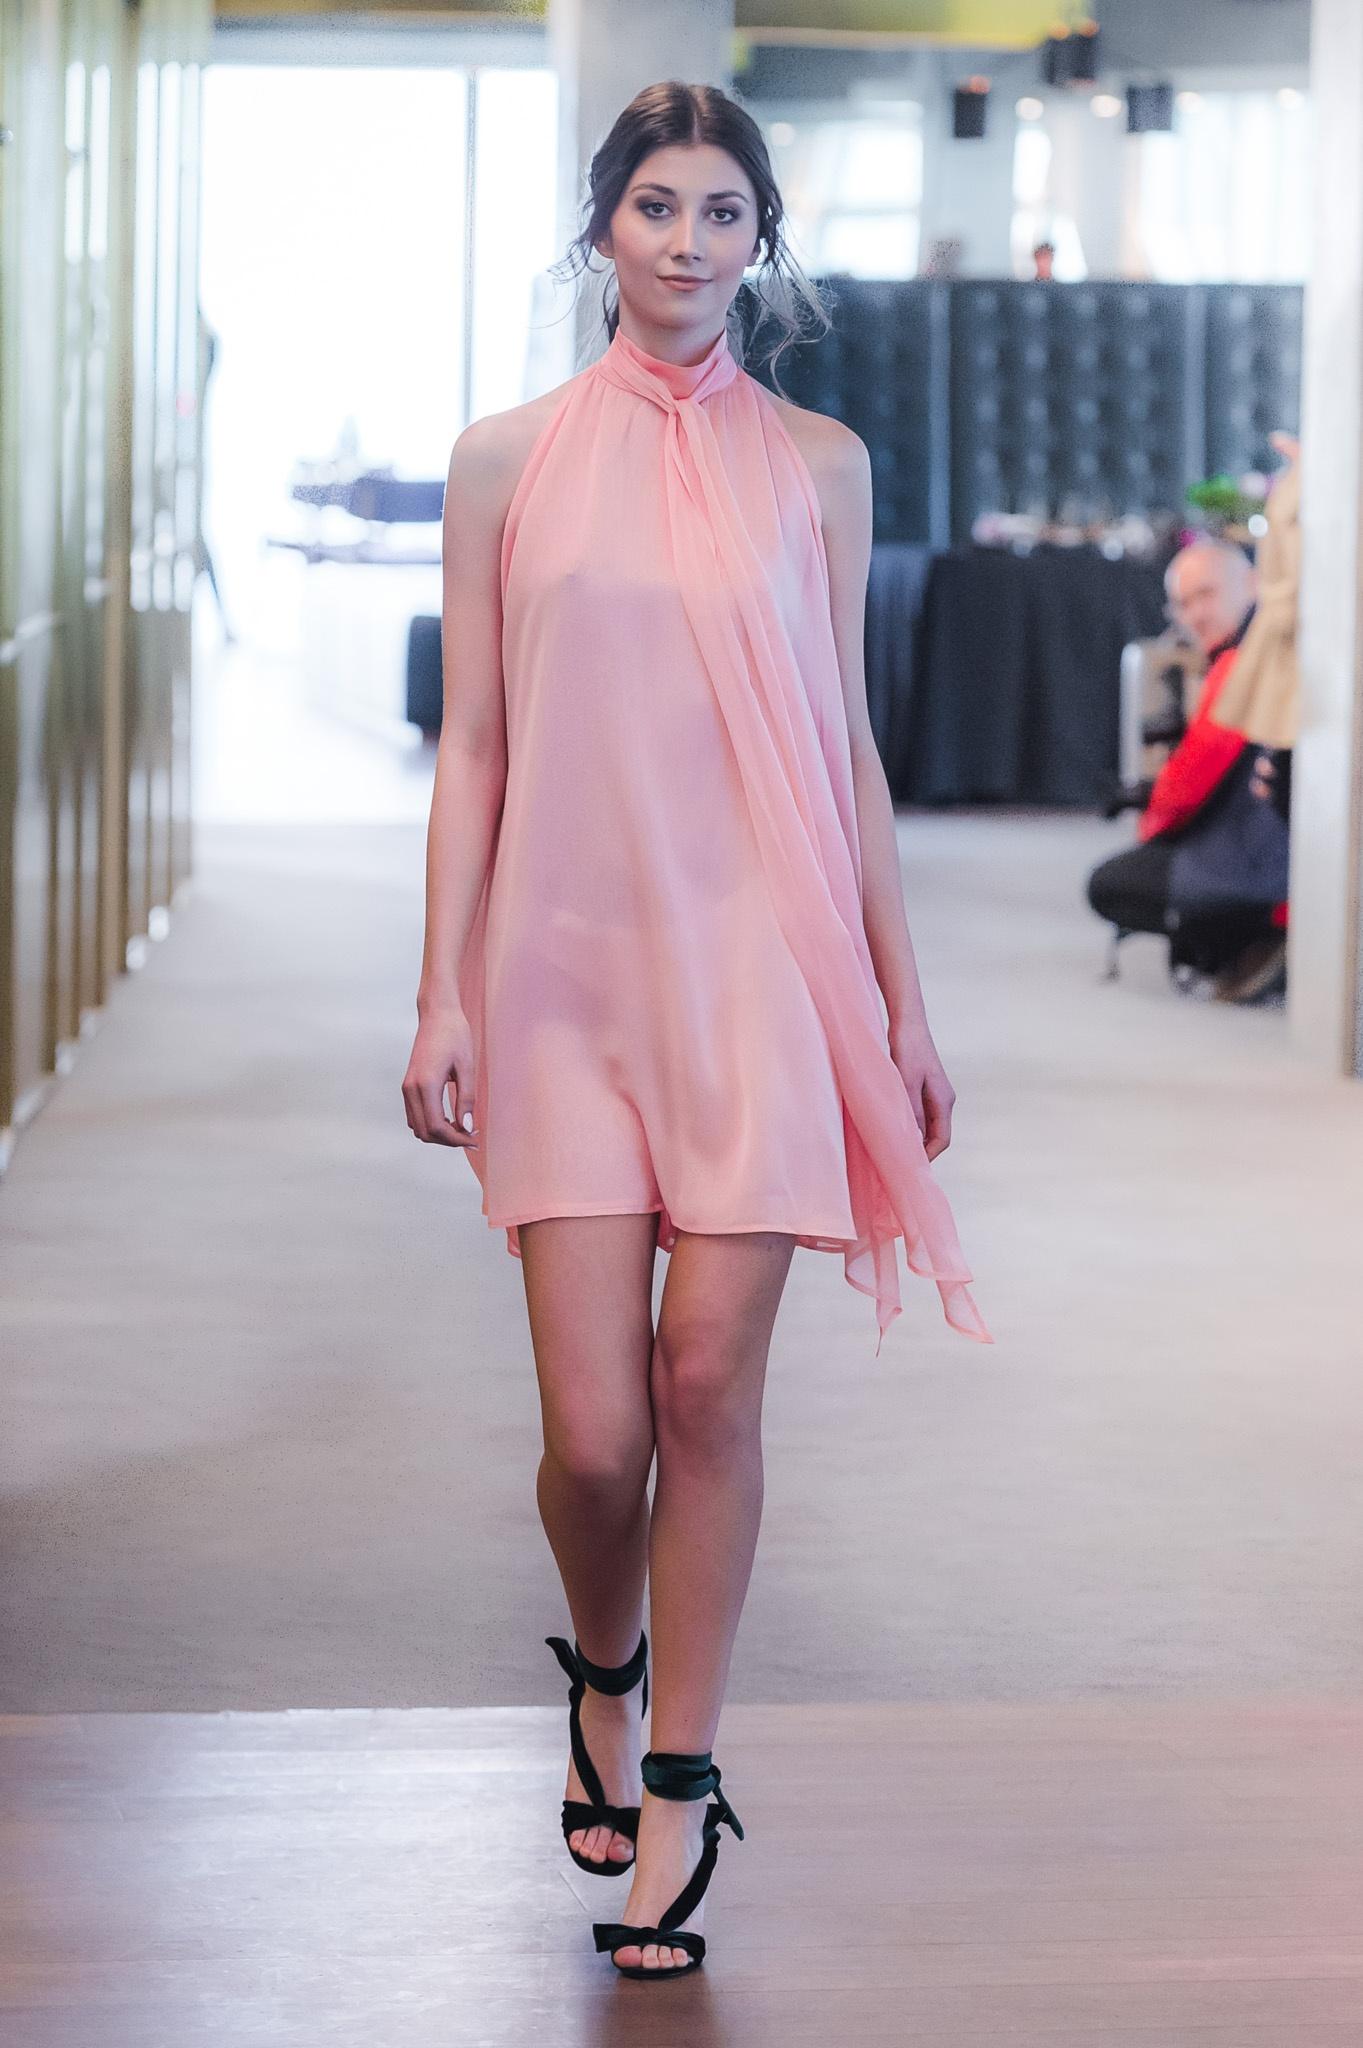 51_ZAQUAD110517_web_fotFilipOkopny_FashionImages